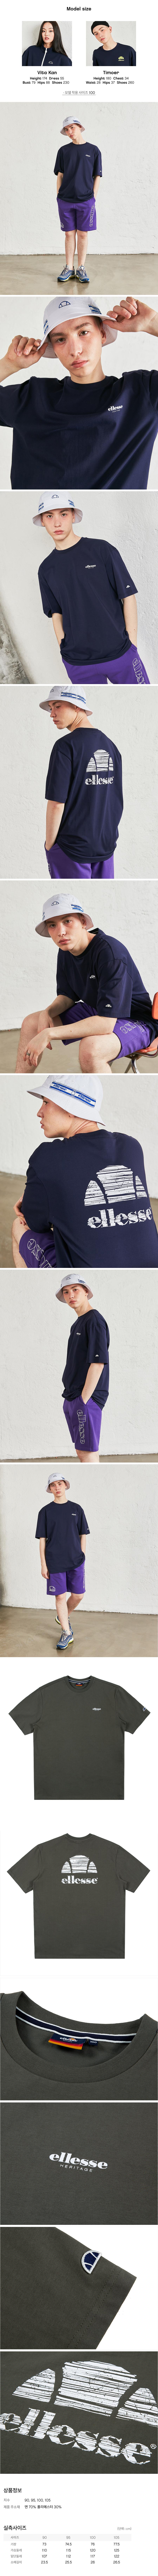 엘레쎄(ELLESSE) 스몰 로고 티셔츠(카키)EJ2UHTR345